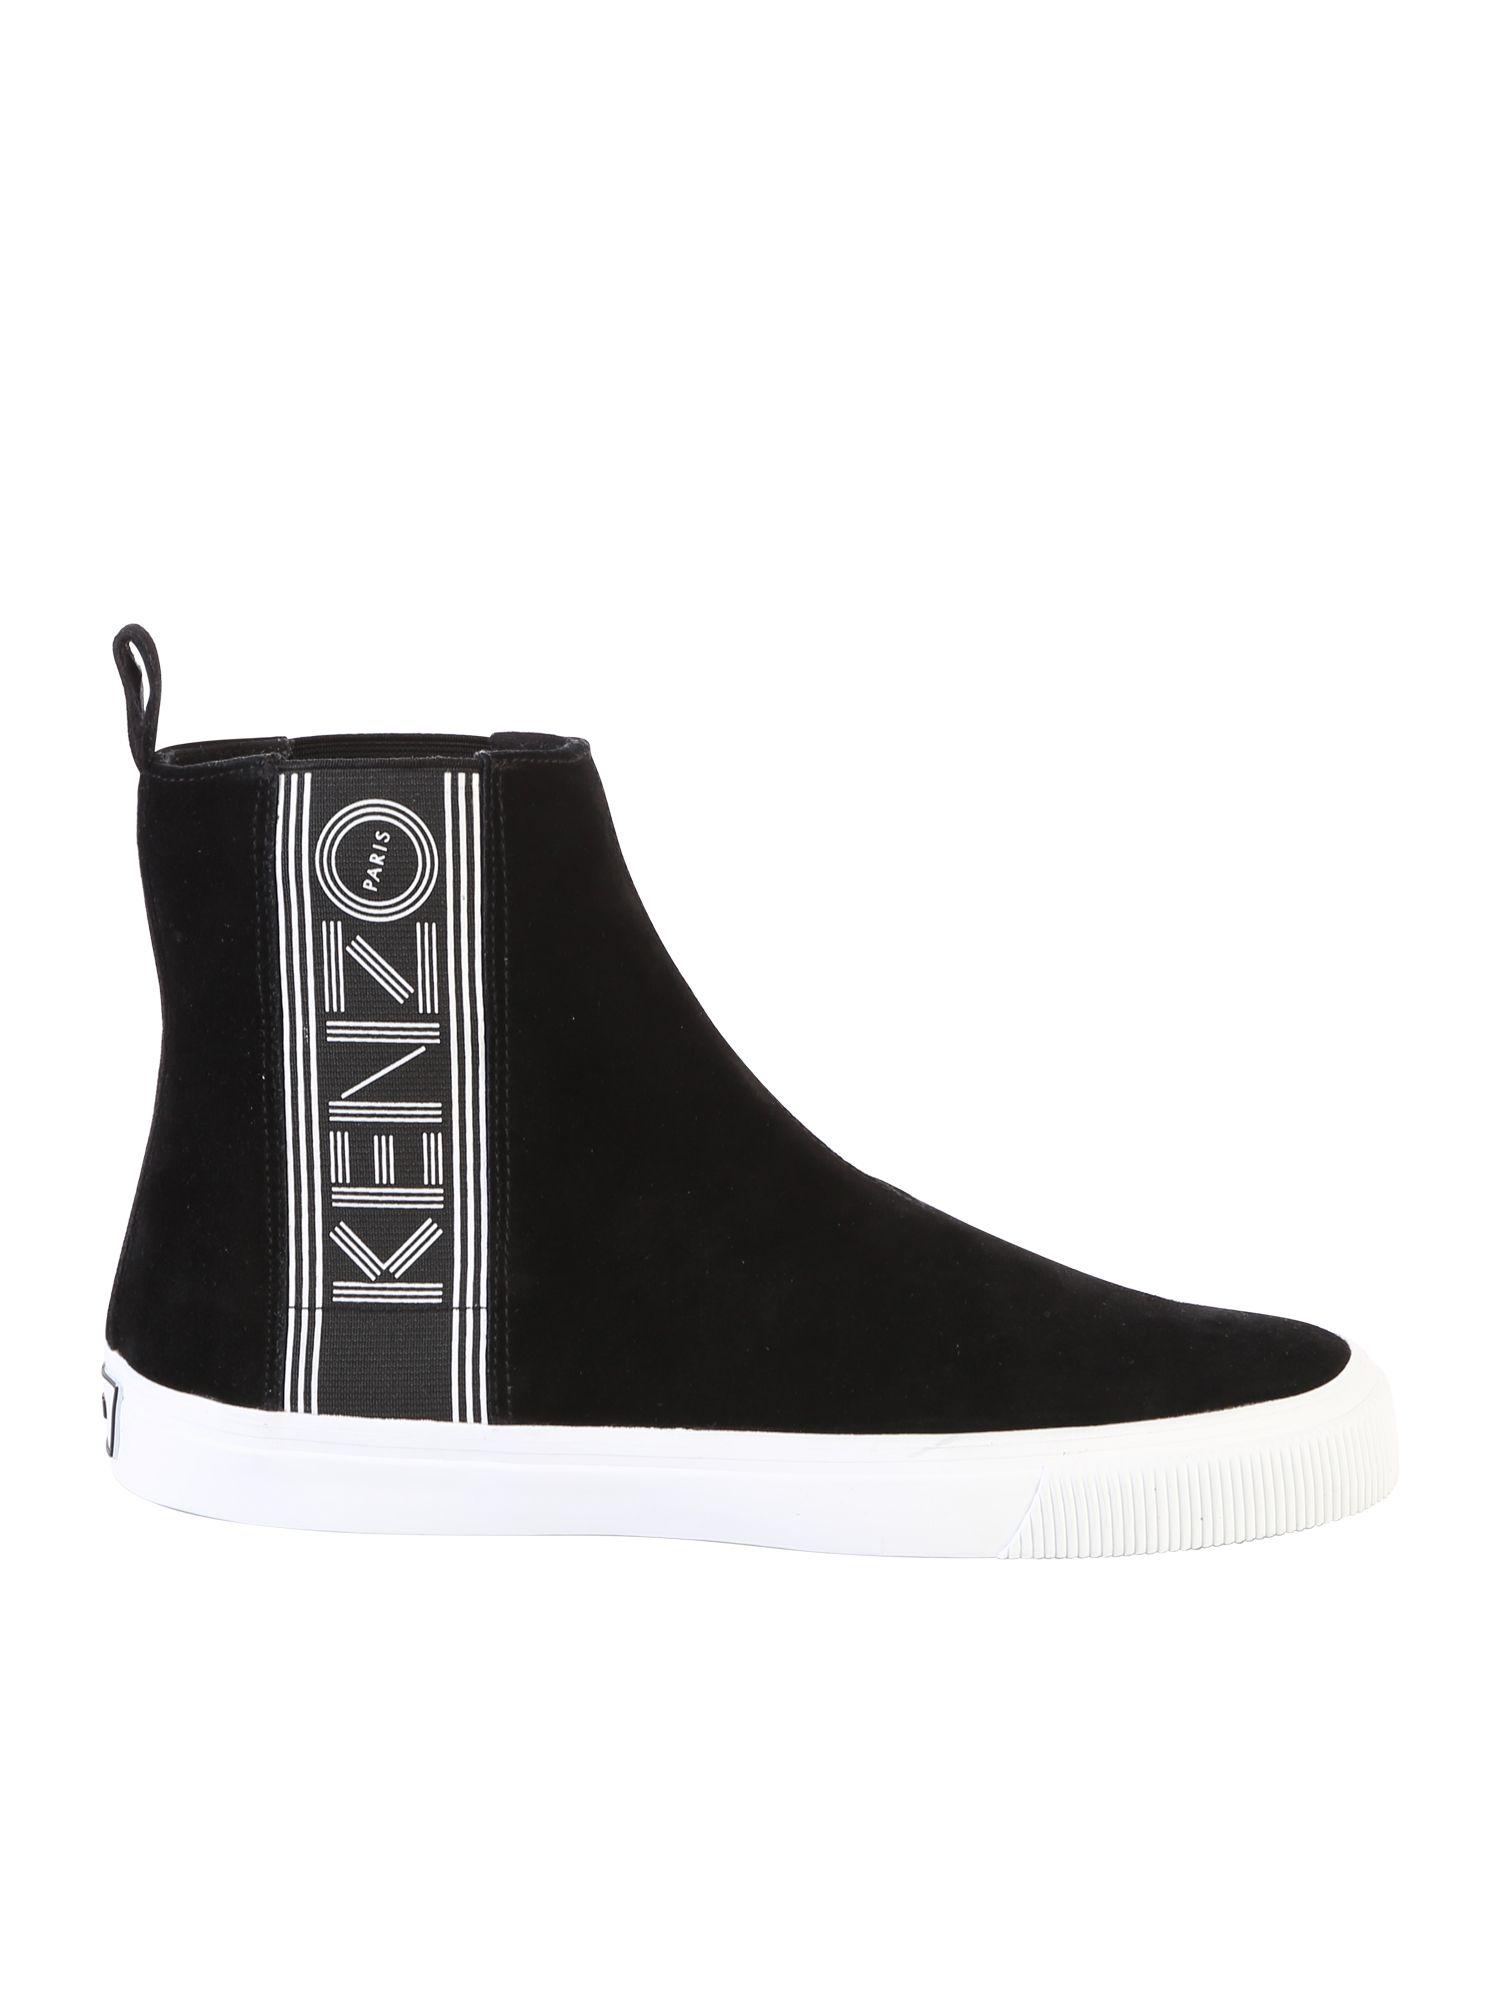 Kenzo Black Branded Sneakers